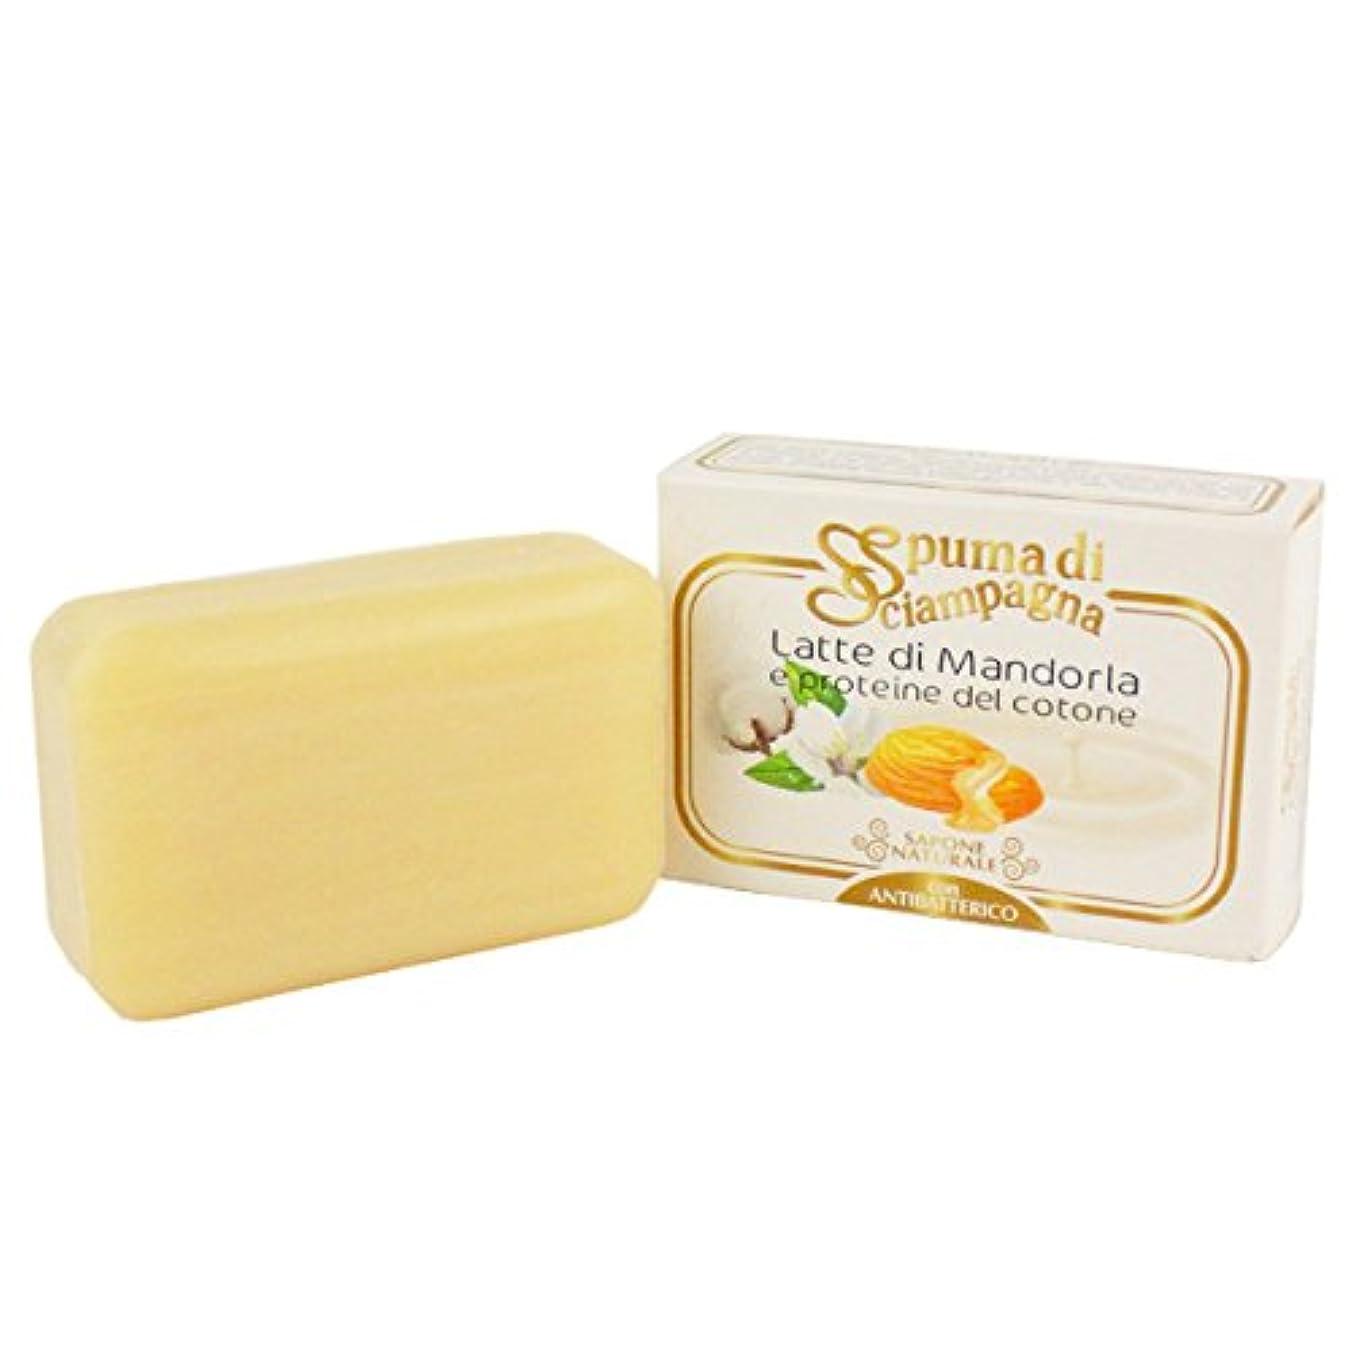 魅惑的な給料星Spuma di Sciampagna (スプーマ ディ シャンパーニャ) ナチュラルソープ 化粧石けん 145g アーモンドの香り